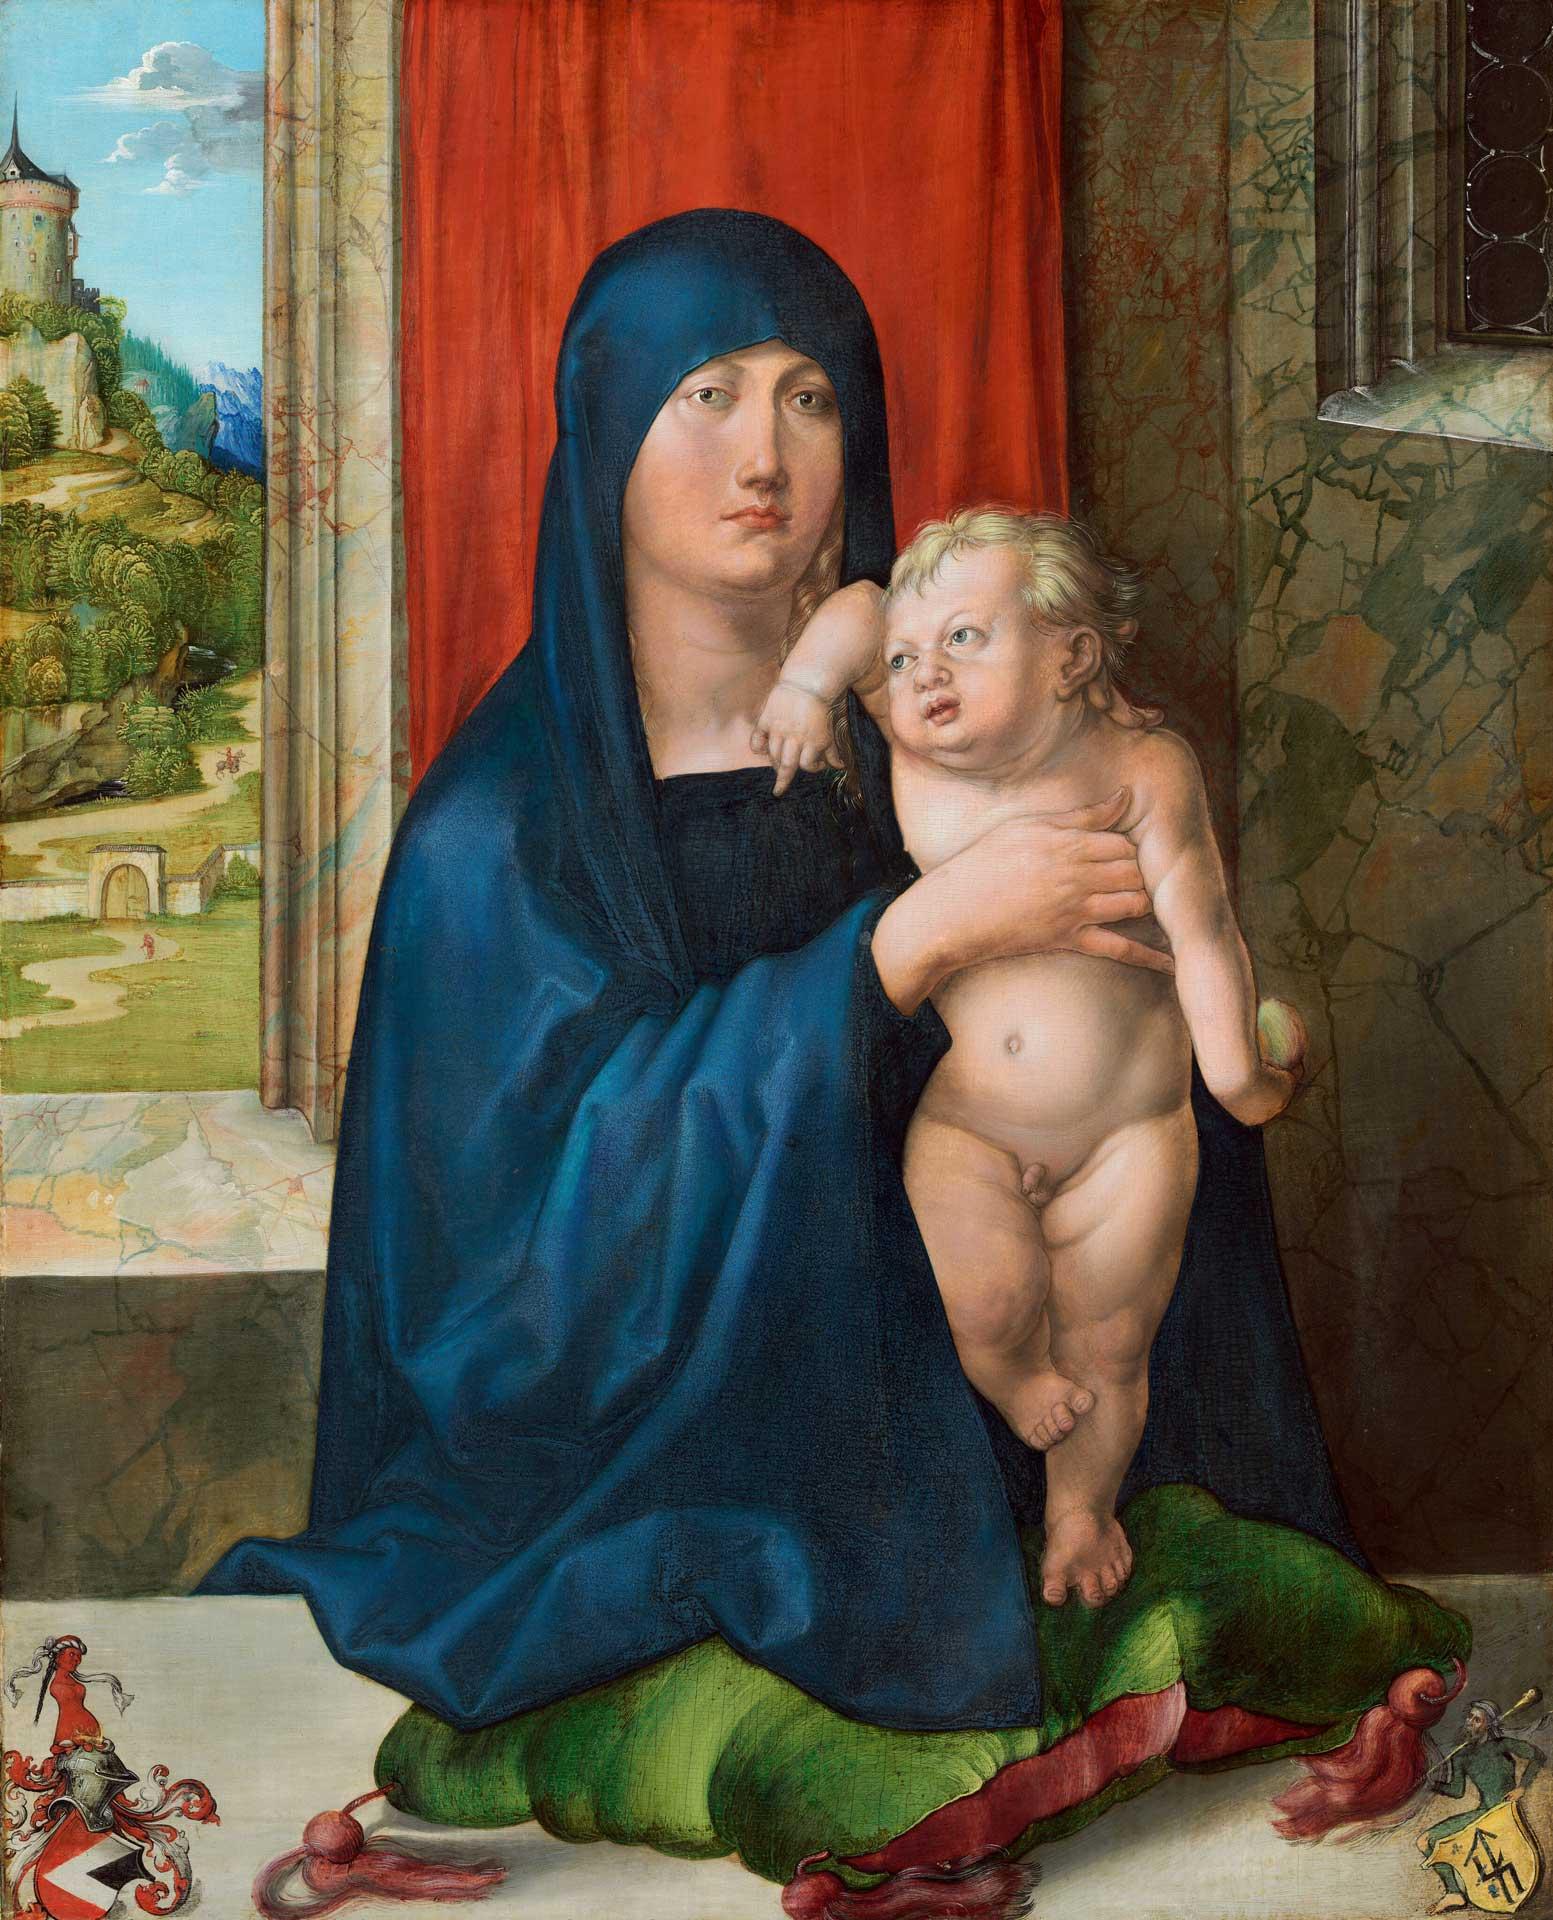 Albrecht Dürer's Madonna and Child